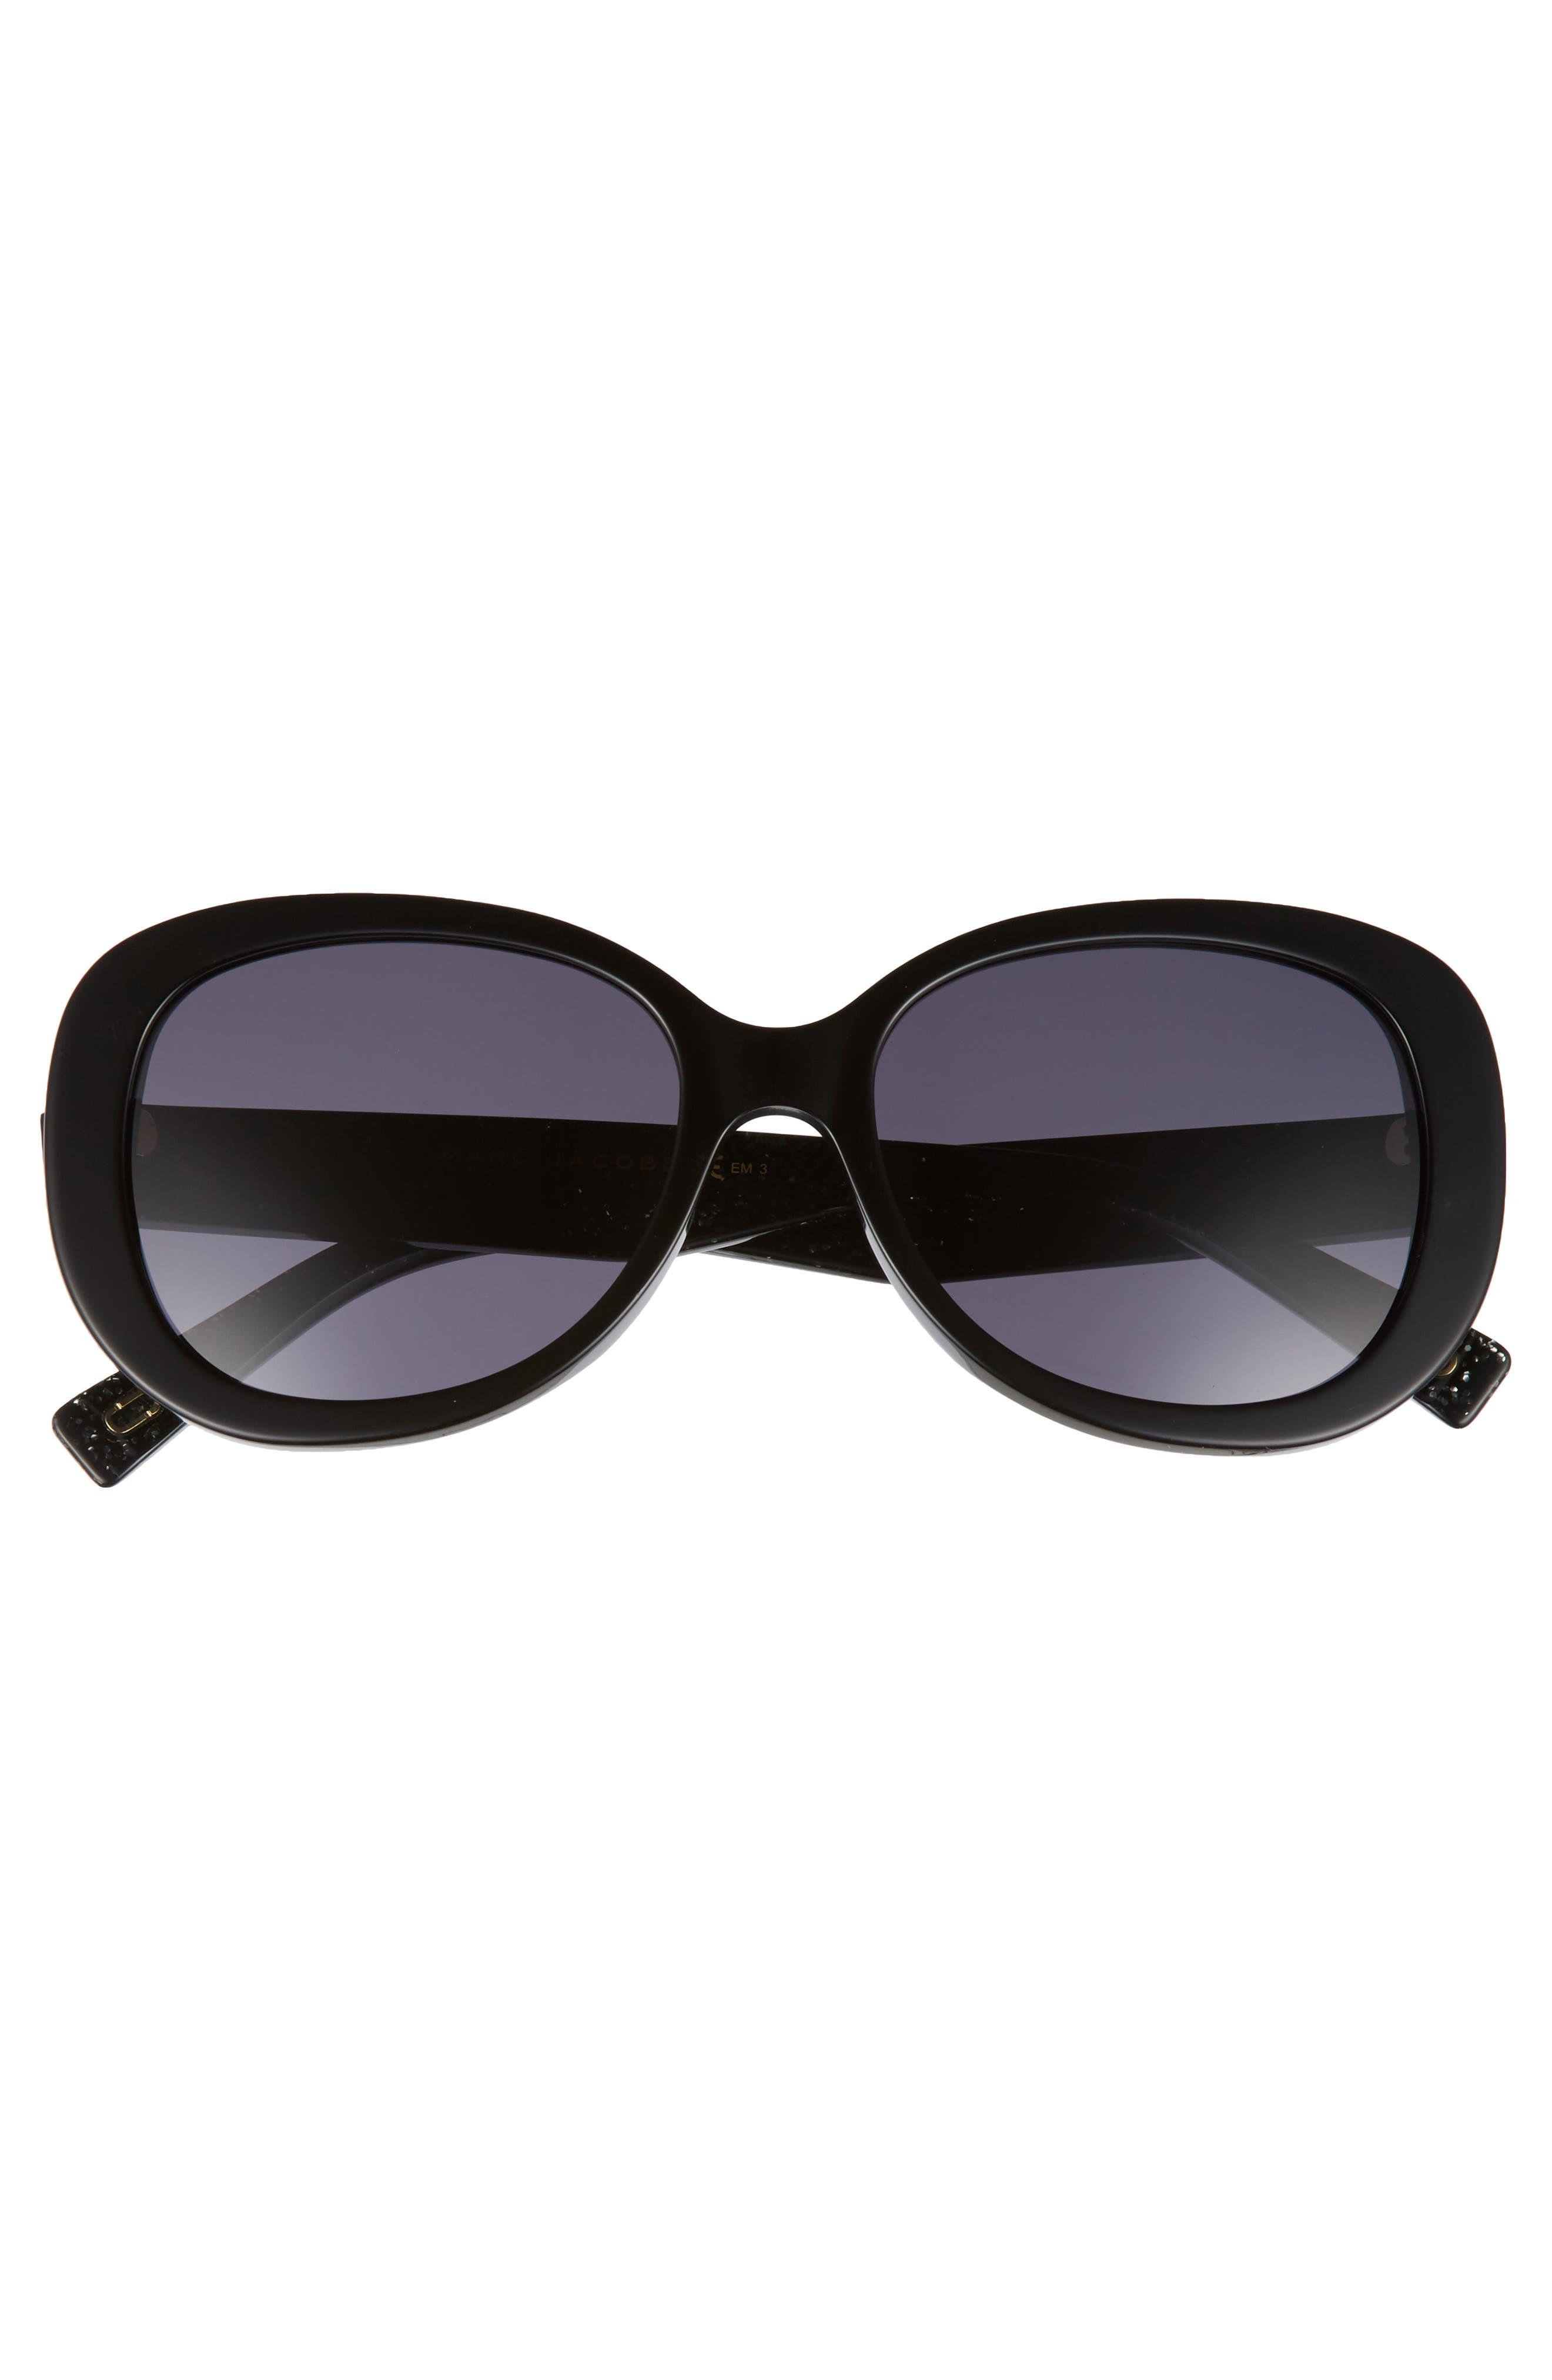 56mm Butterfly Sunglasses,                             Alternate thumbnail 3, color,                             BLACK GLITTER